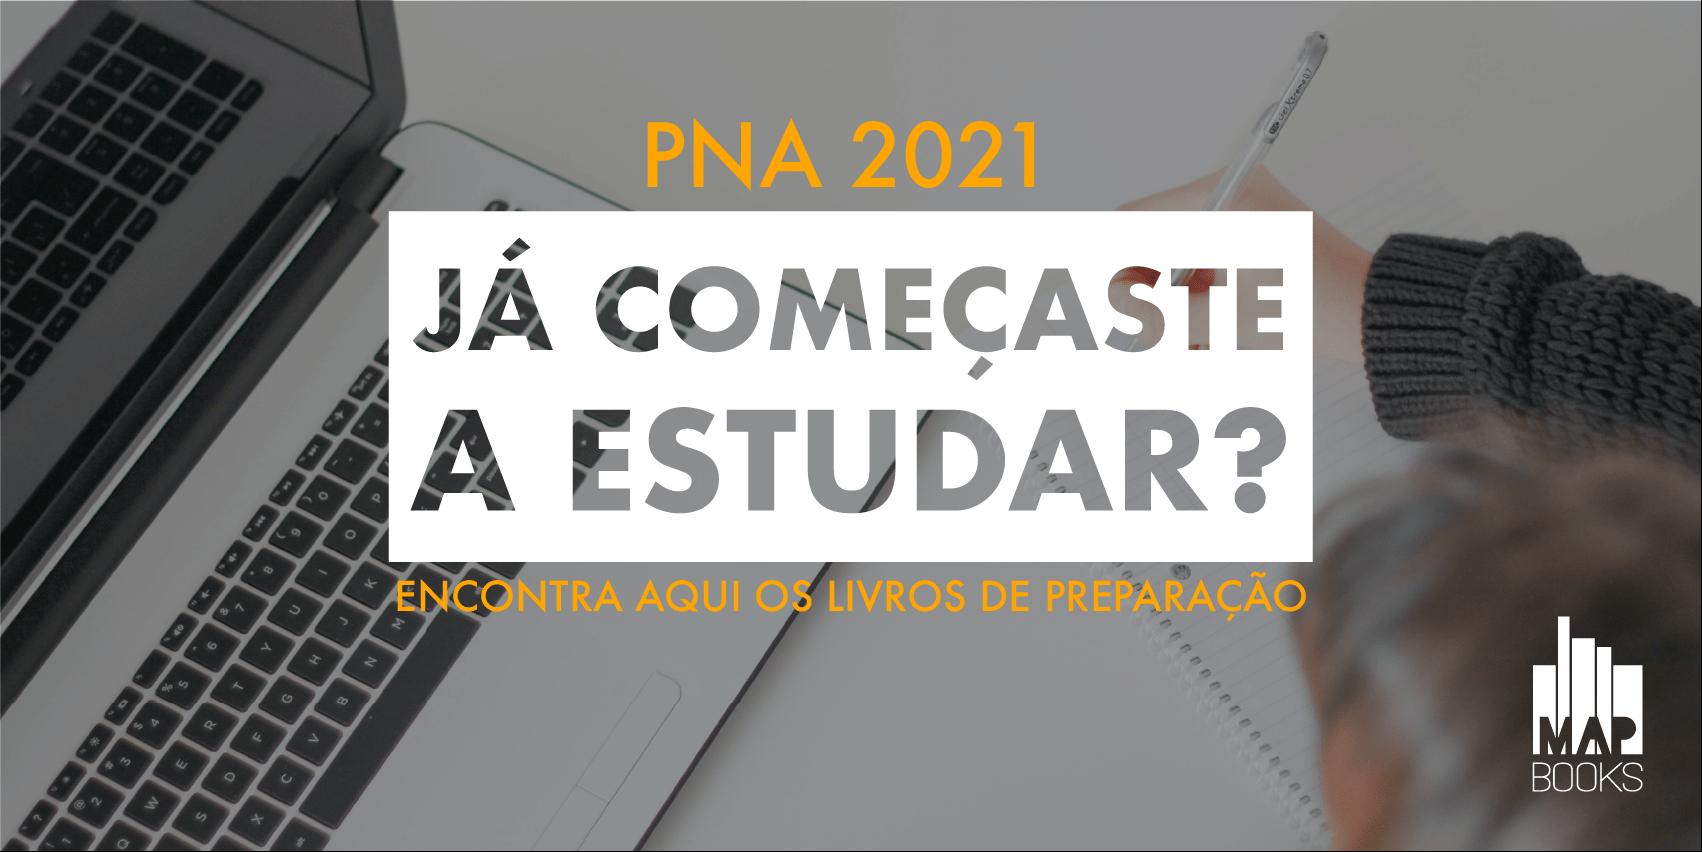 PNA 2021: Já começaste a estudar? Encontra aqui os livros de preparação.